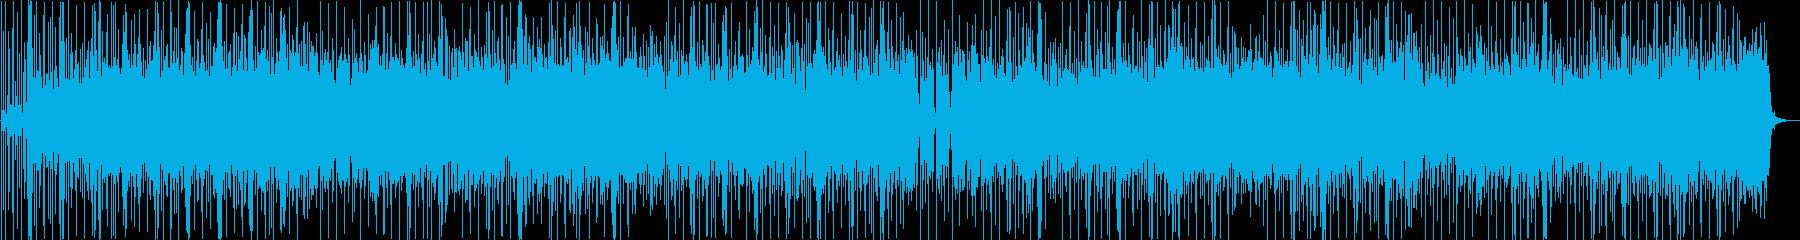 ファンク、活気、エネルギッシュ、の再生済みの波形